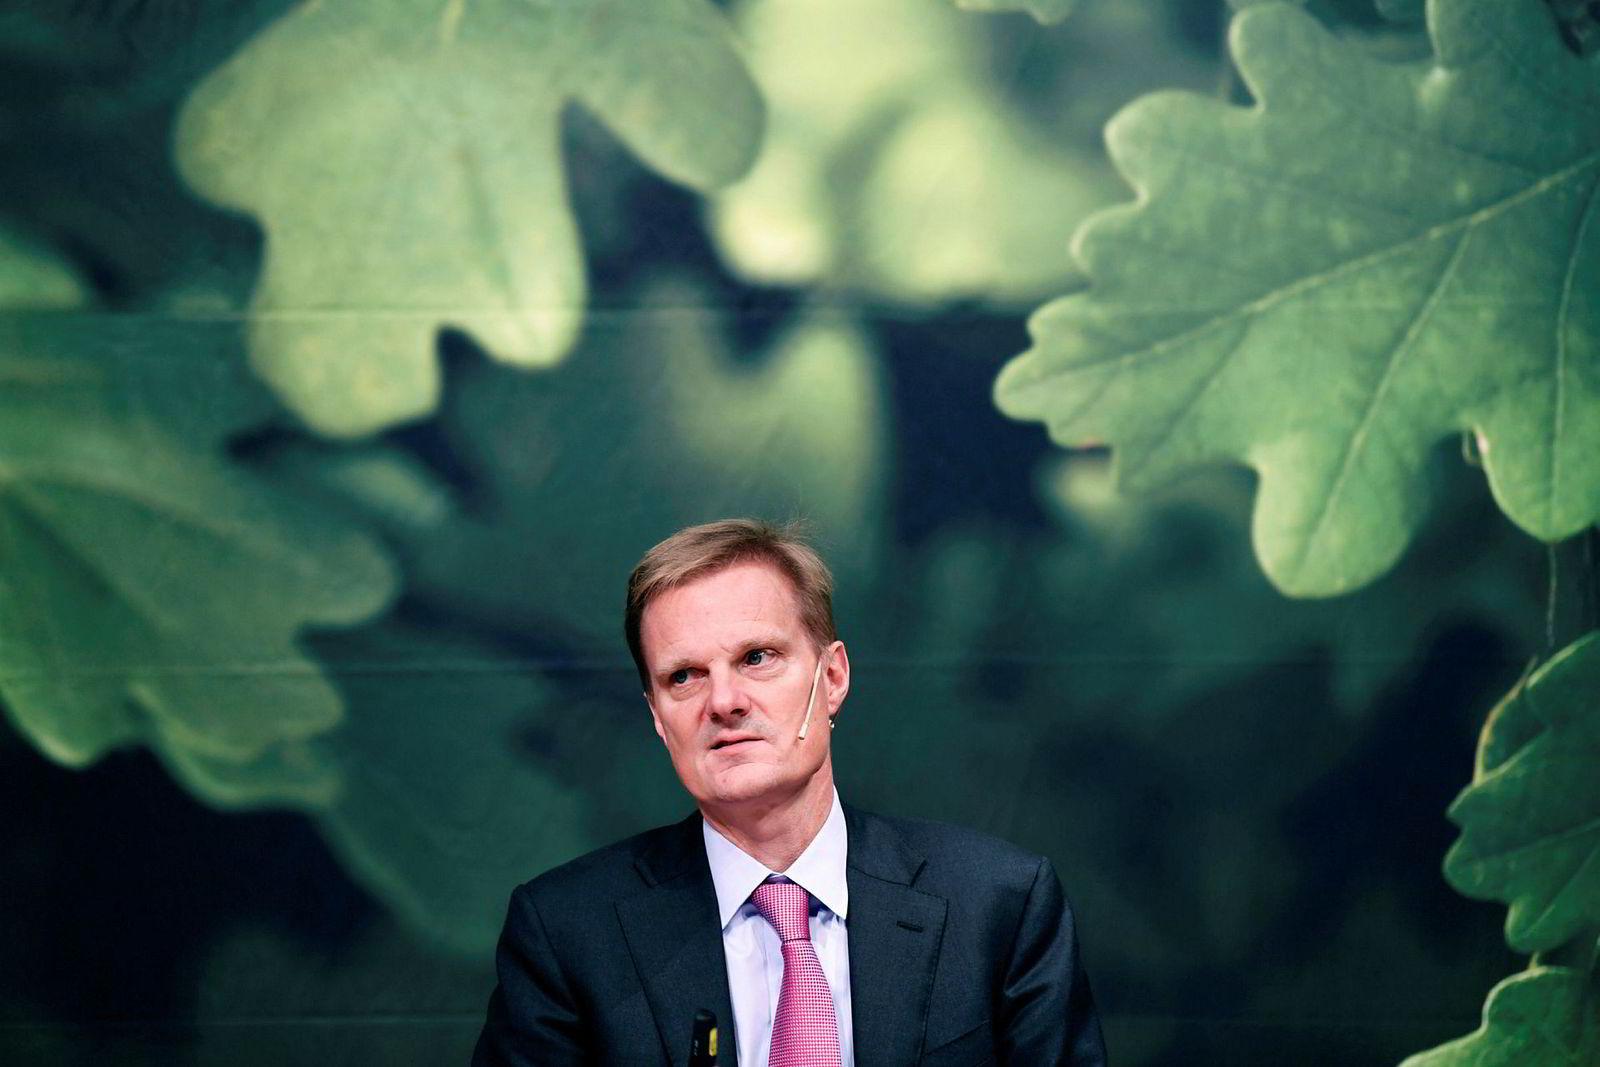 Administrerende direktør i Swedbank Jens Henriksson